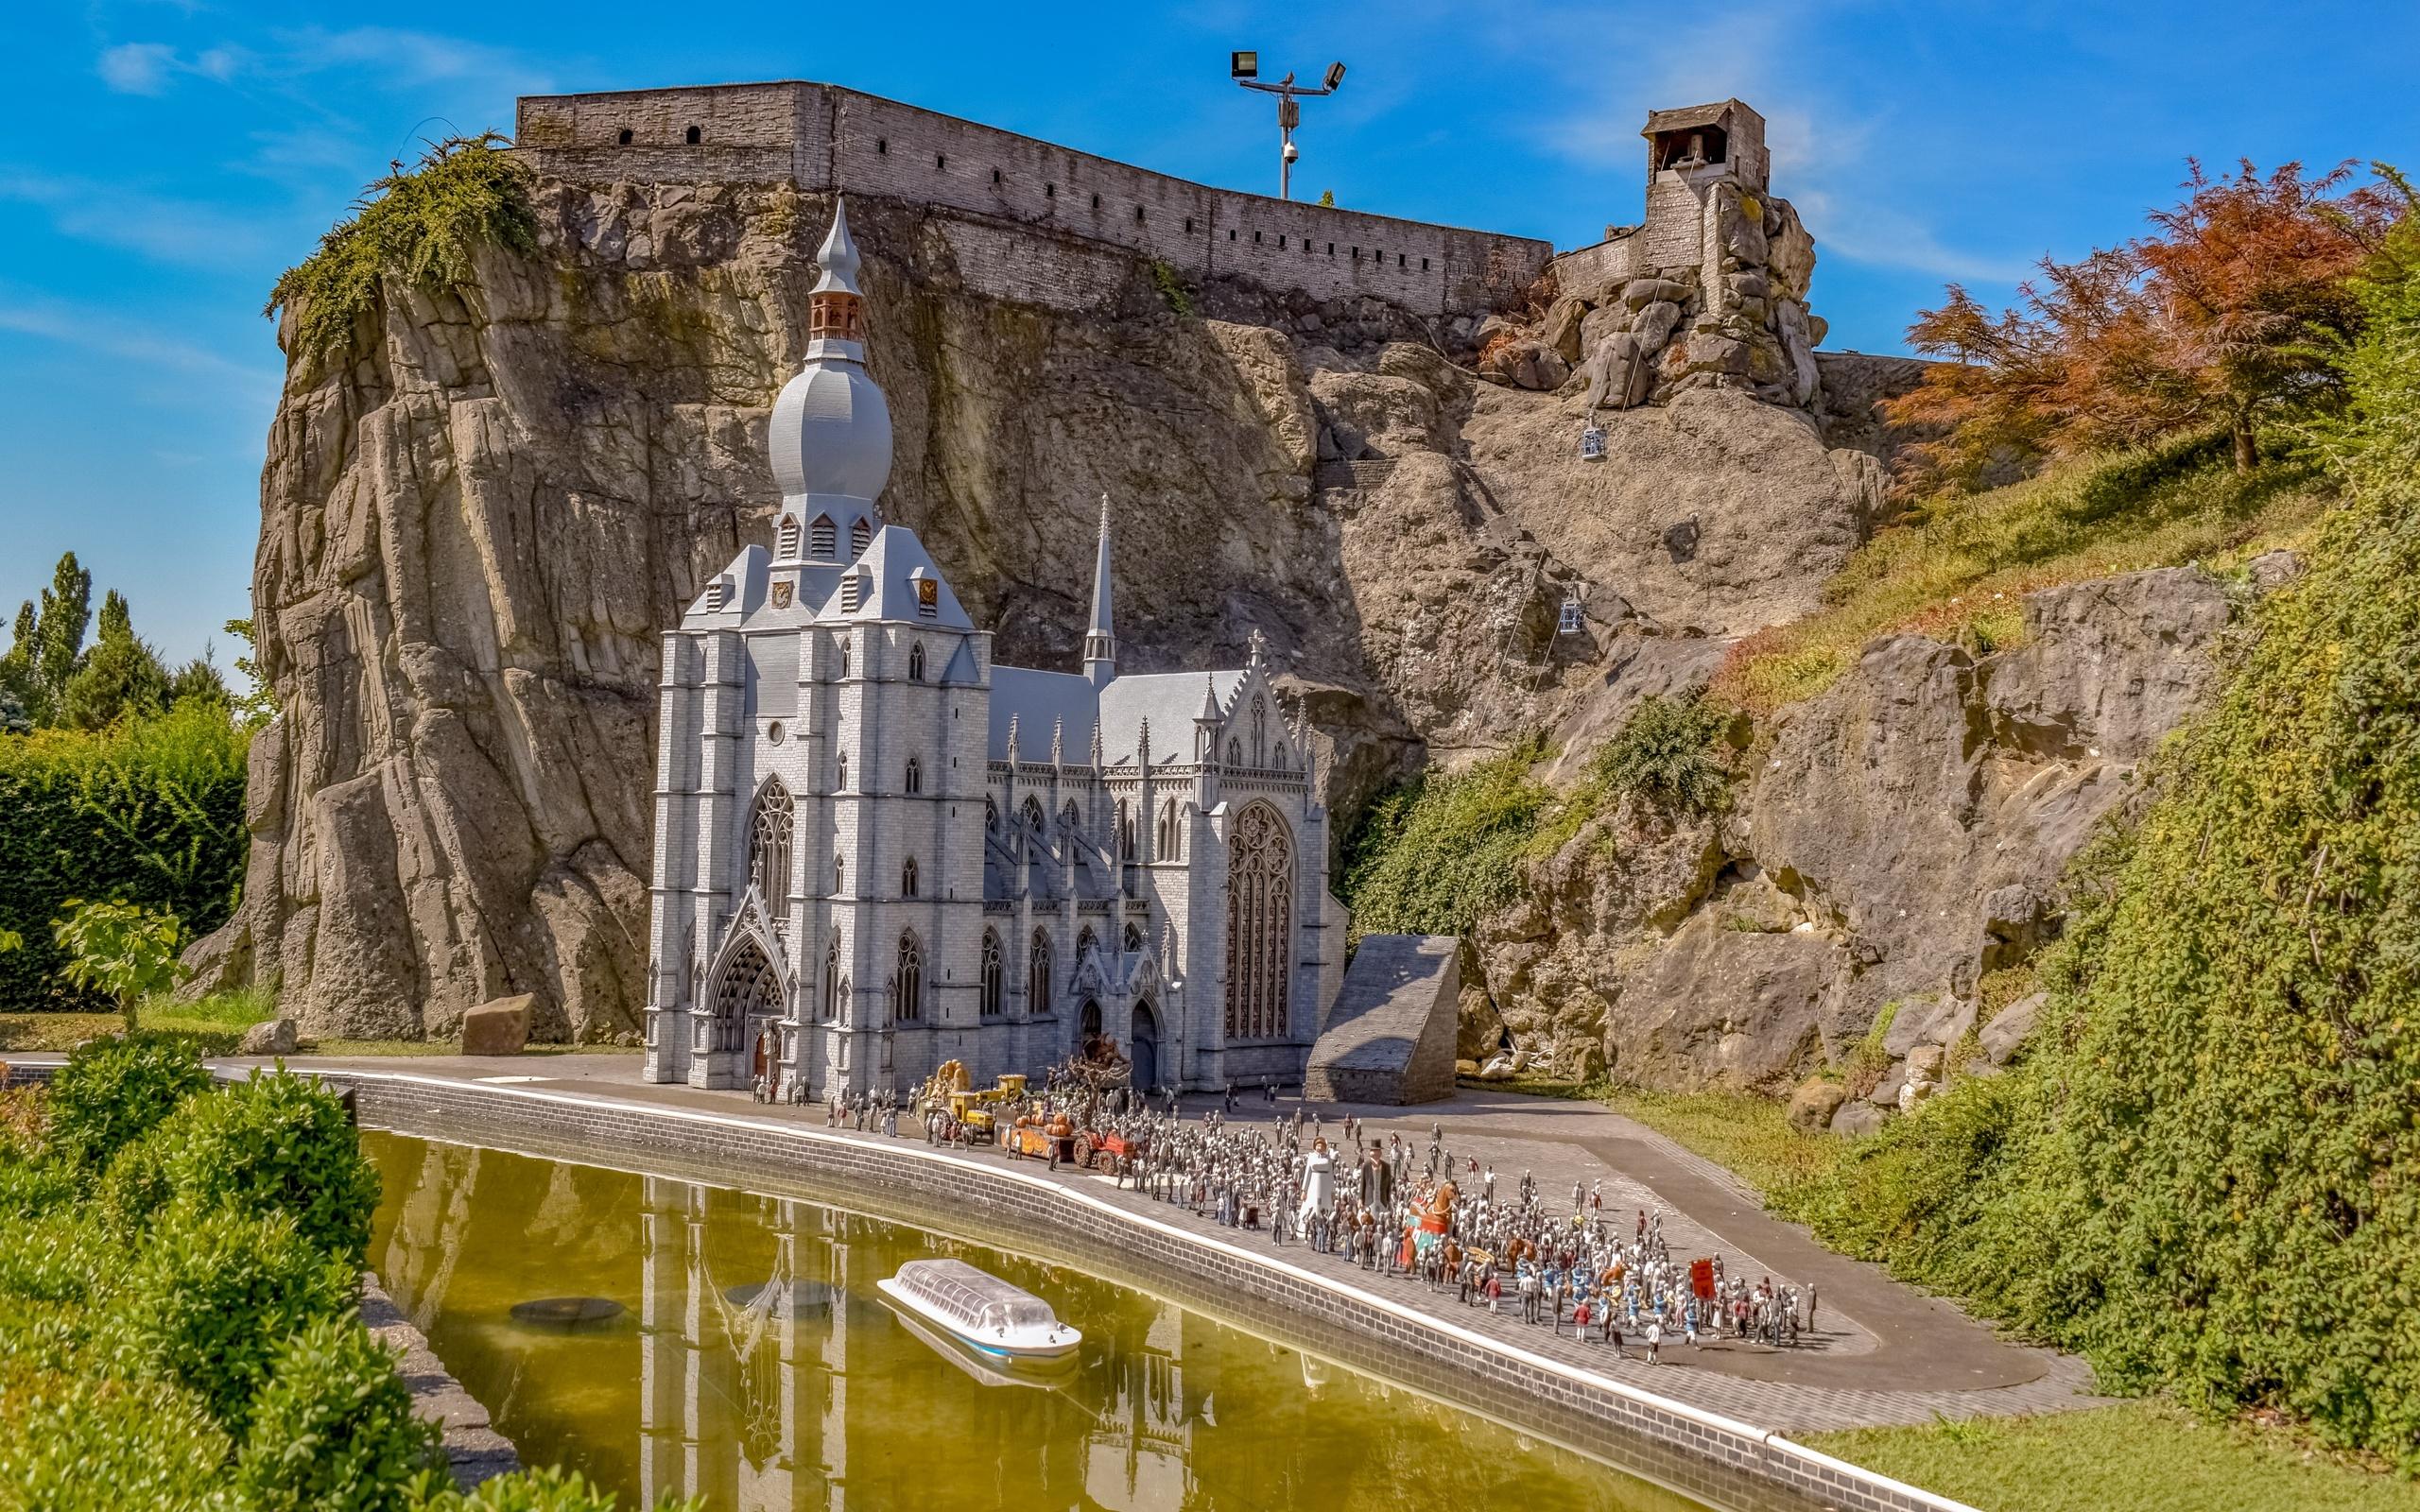 скала, церковь, люди, парк миниатюр